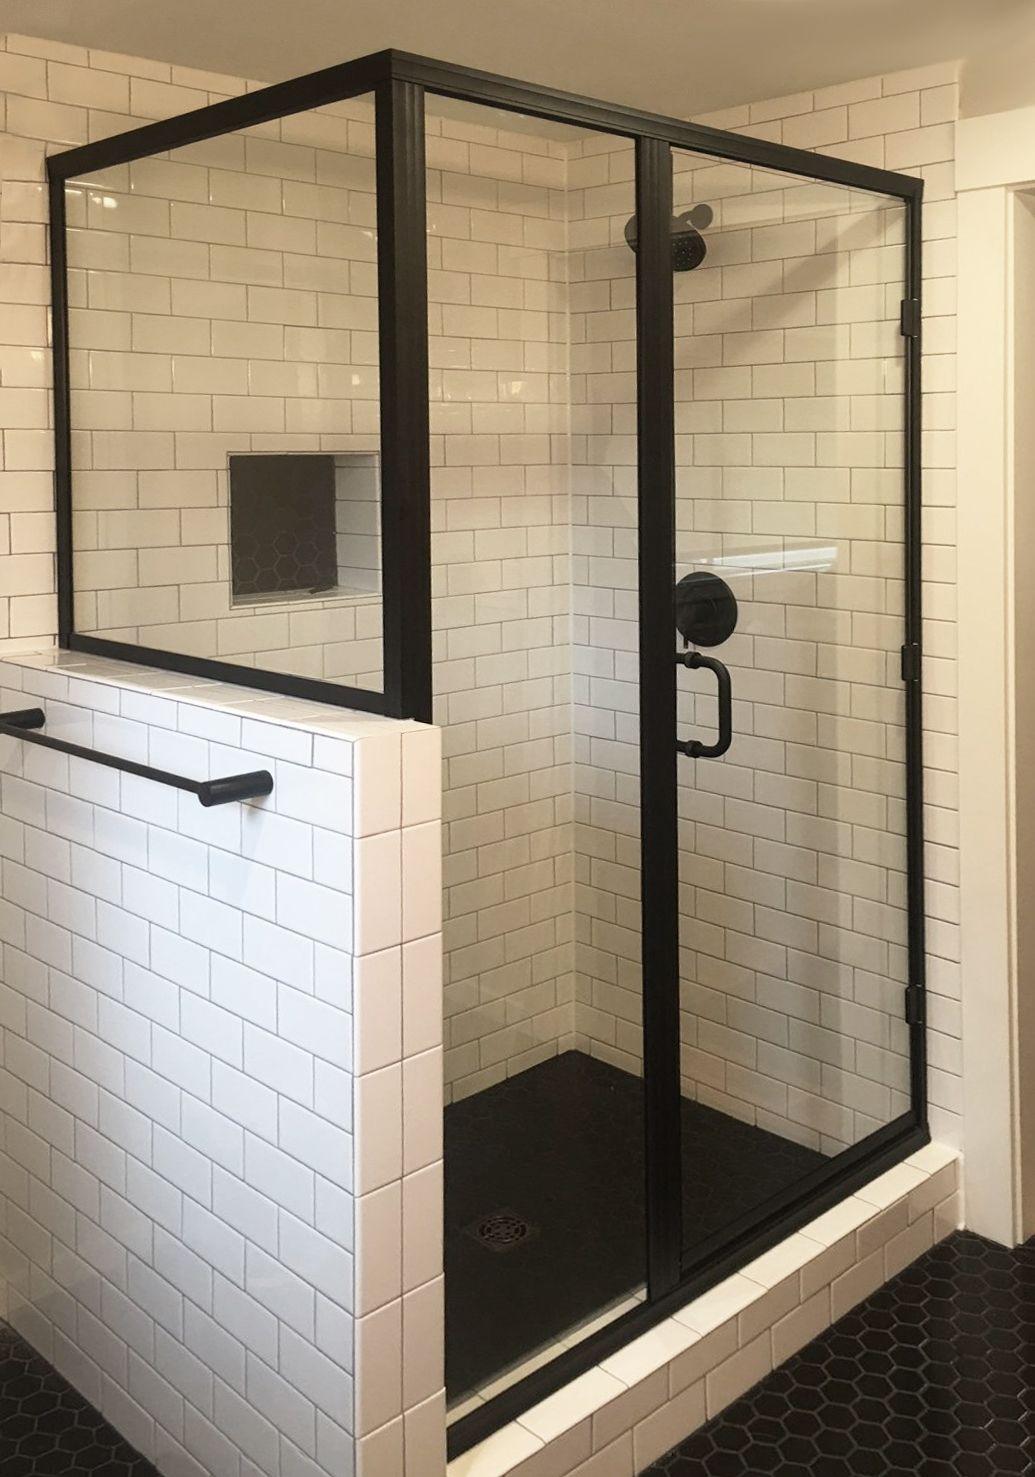 Get Glass Shower Doors Panels Tile Lines In 2020 Black Shower Doors Shower Doors Glass Shower Doors